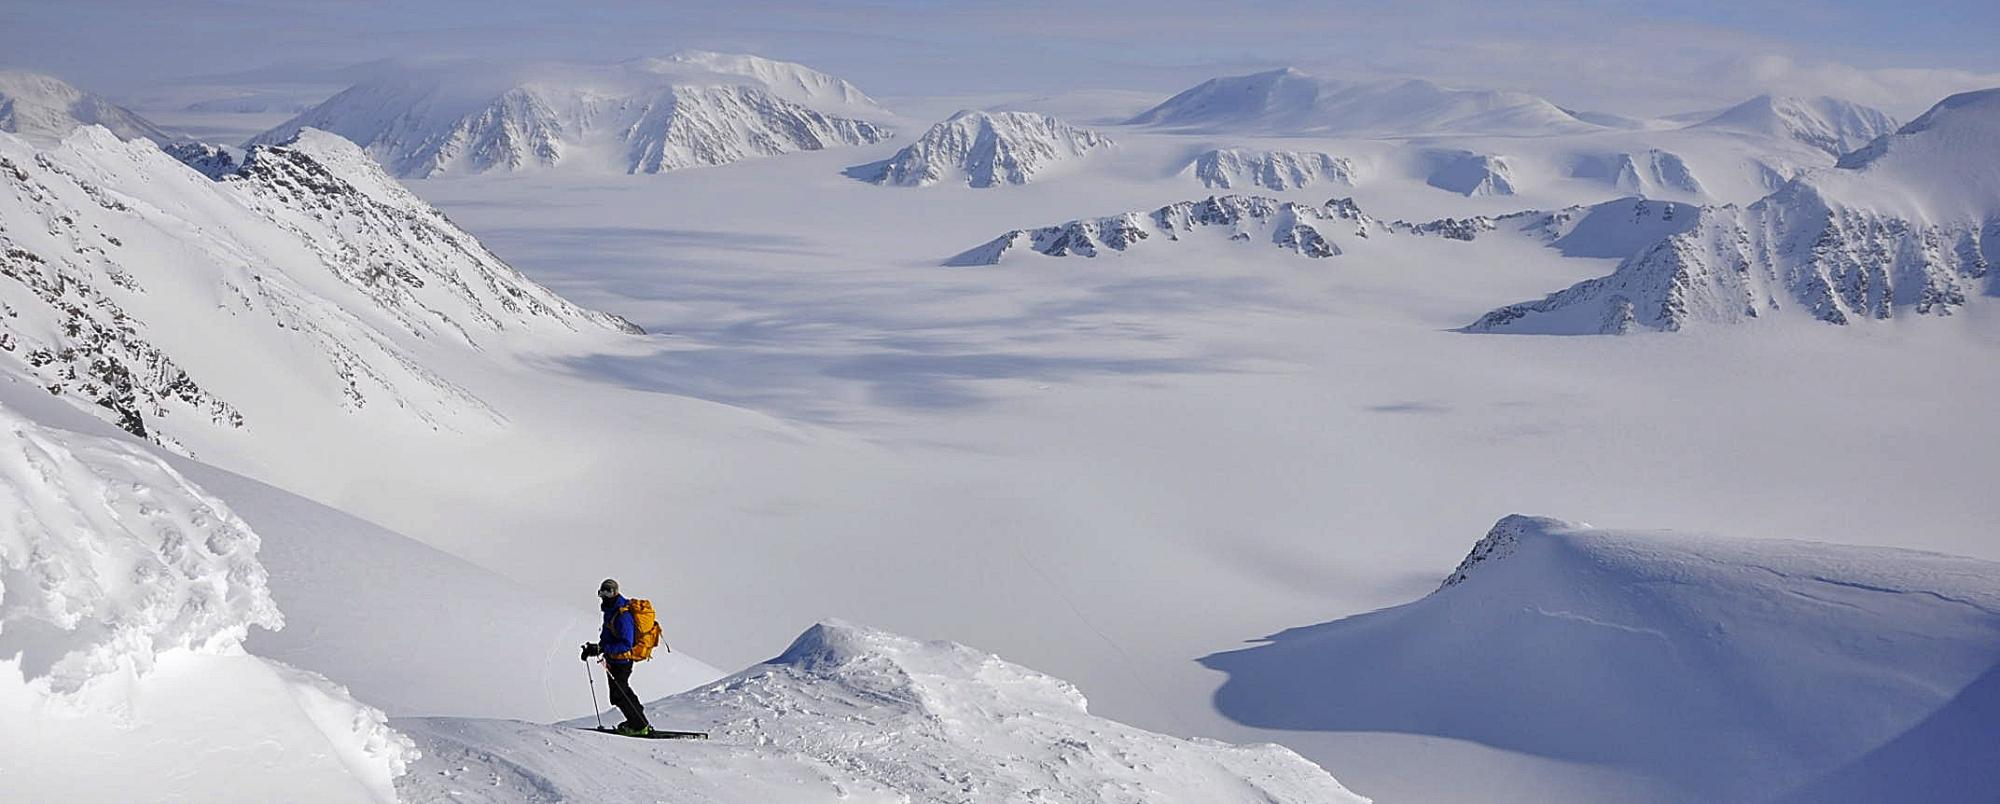 skimountaineering-expedition-svalbard